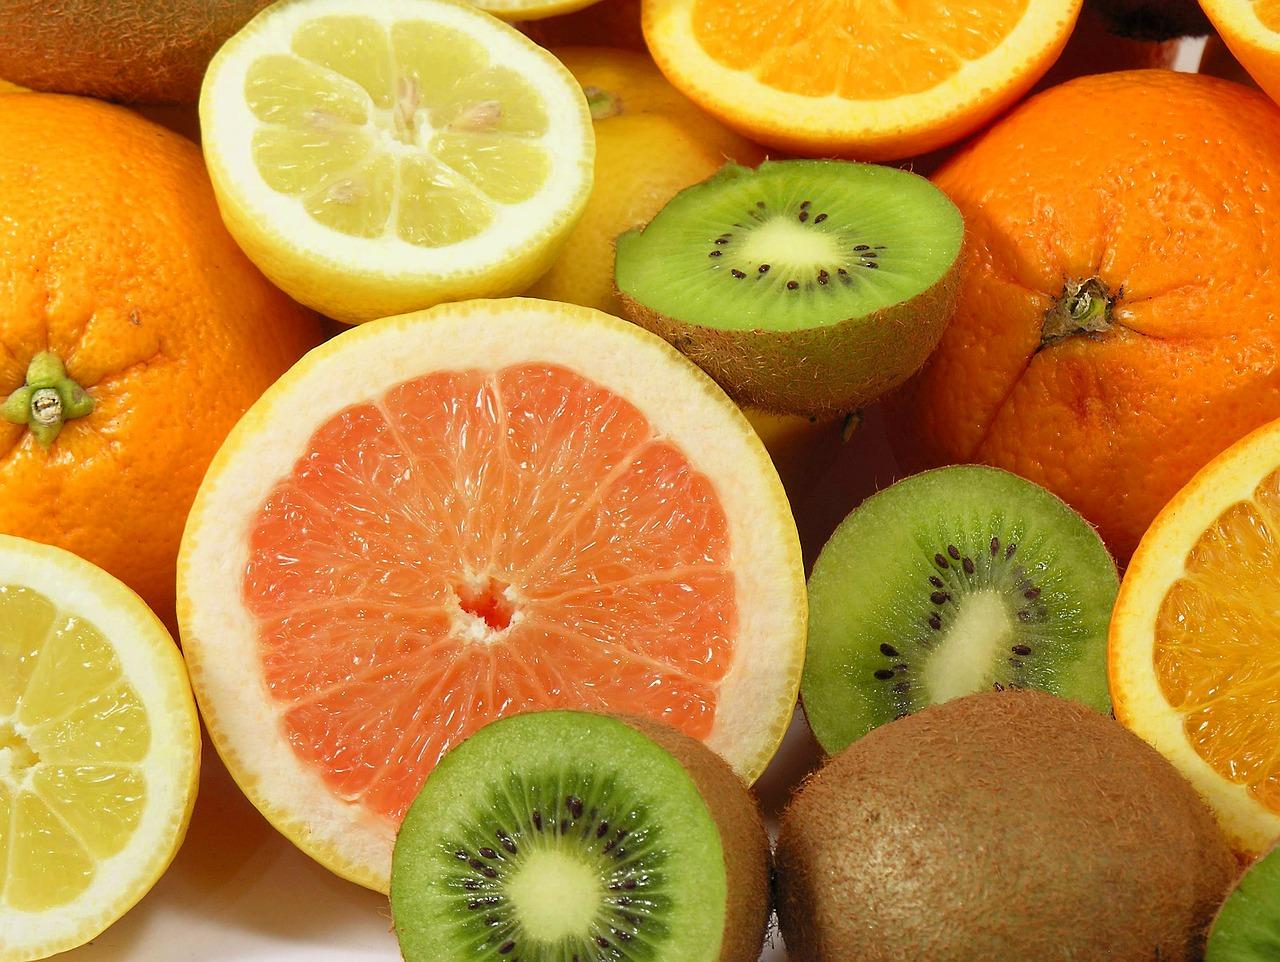 fruit-634364_1280.jpg